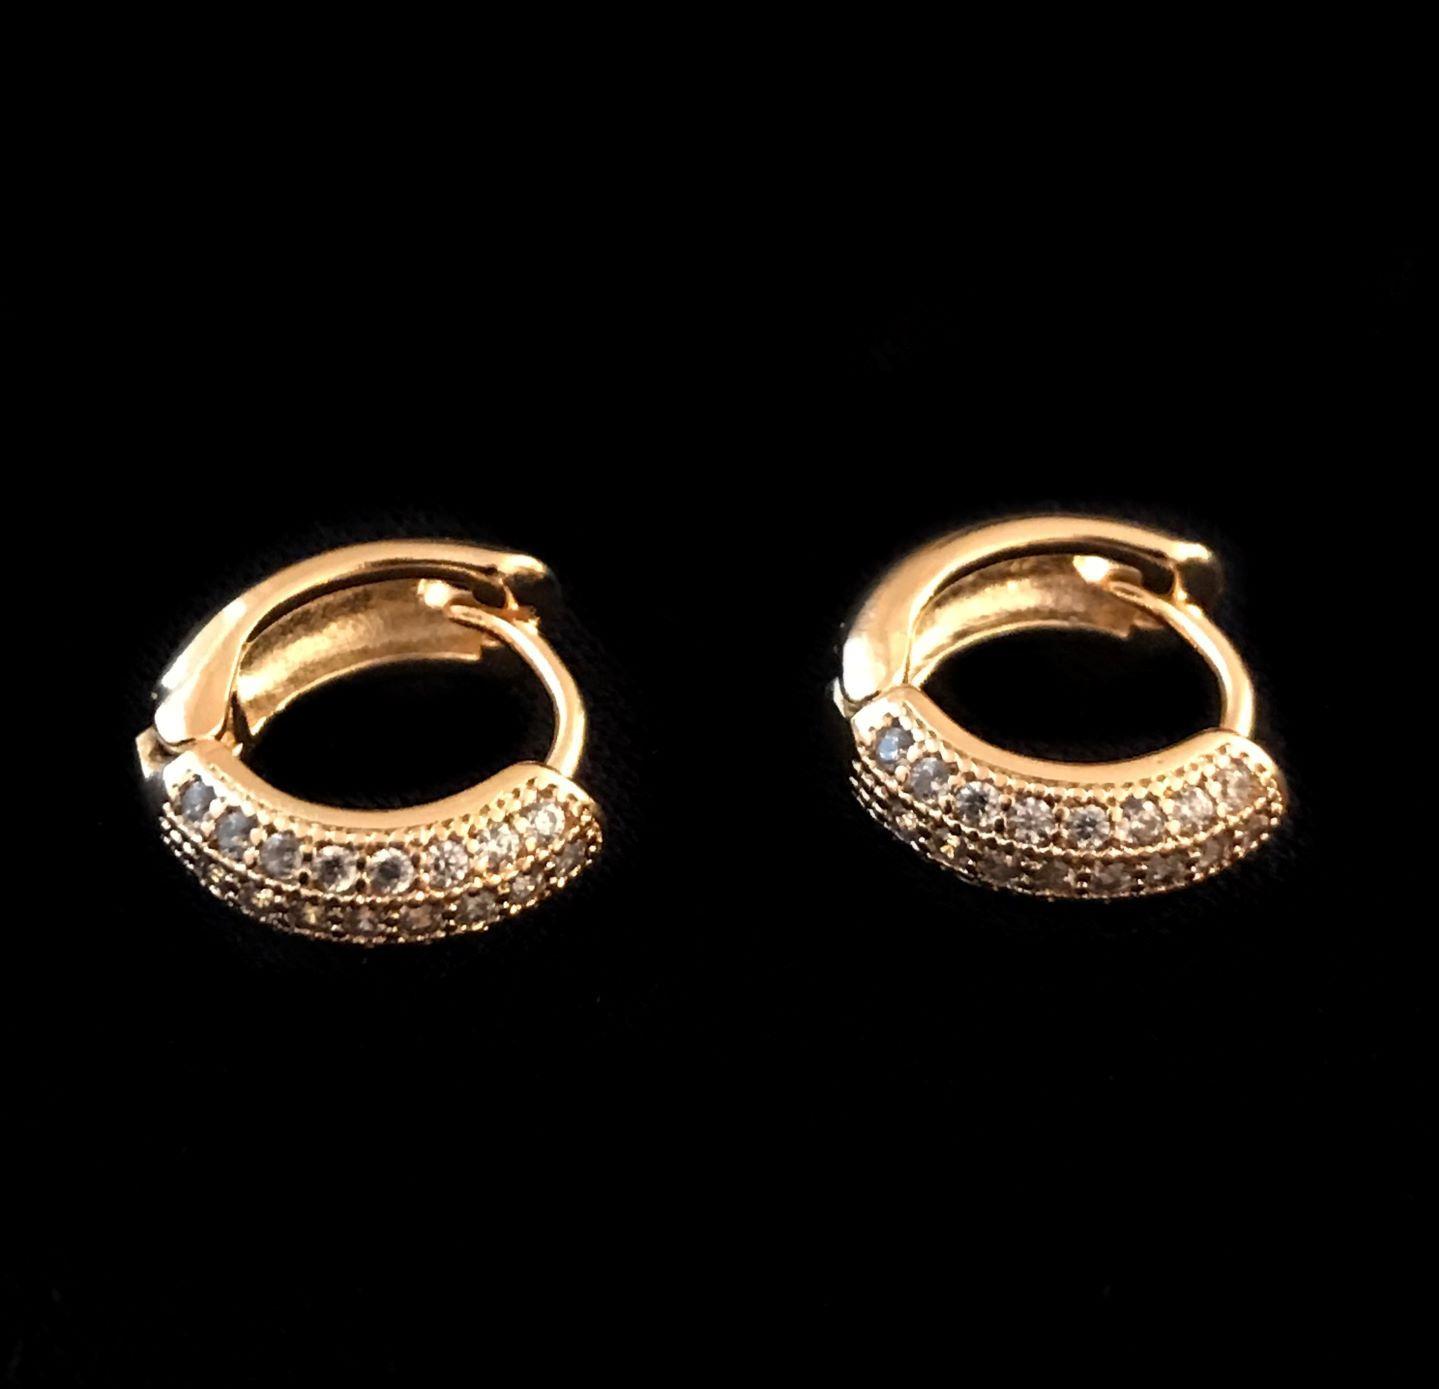 Brinco Argola Cravejada em Zircônia 24 pedras (Banho Ouro 24k)